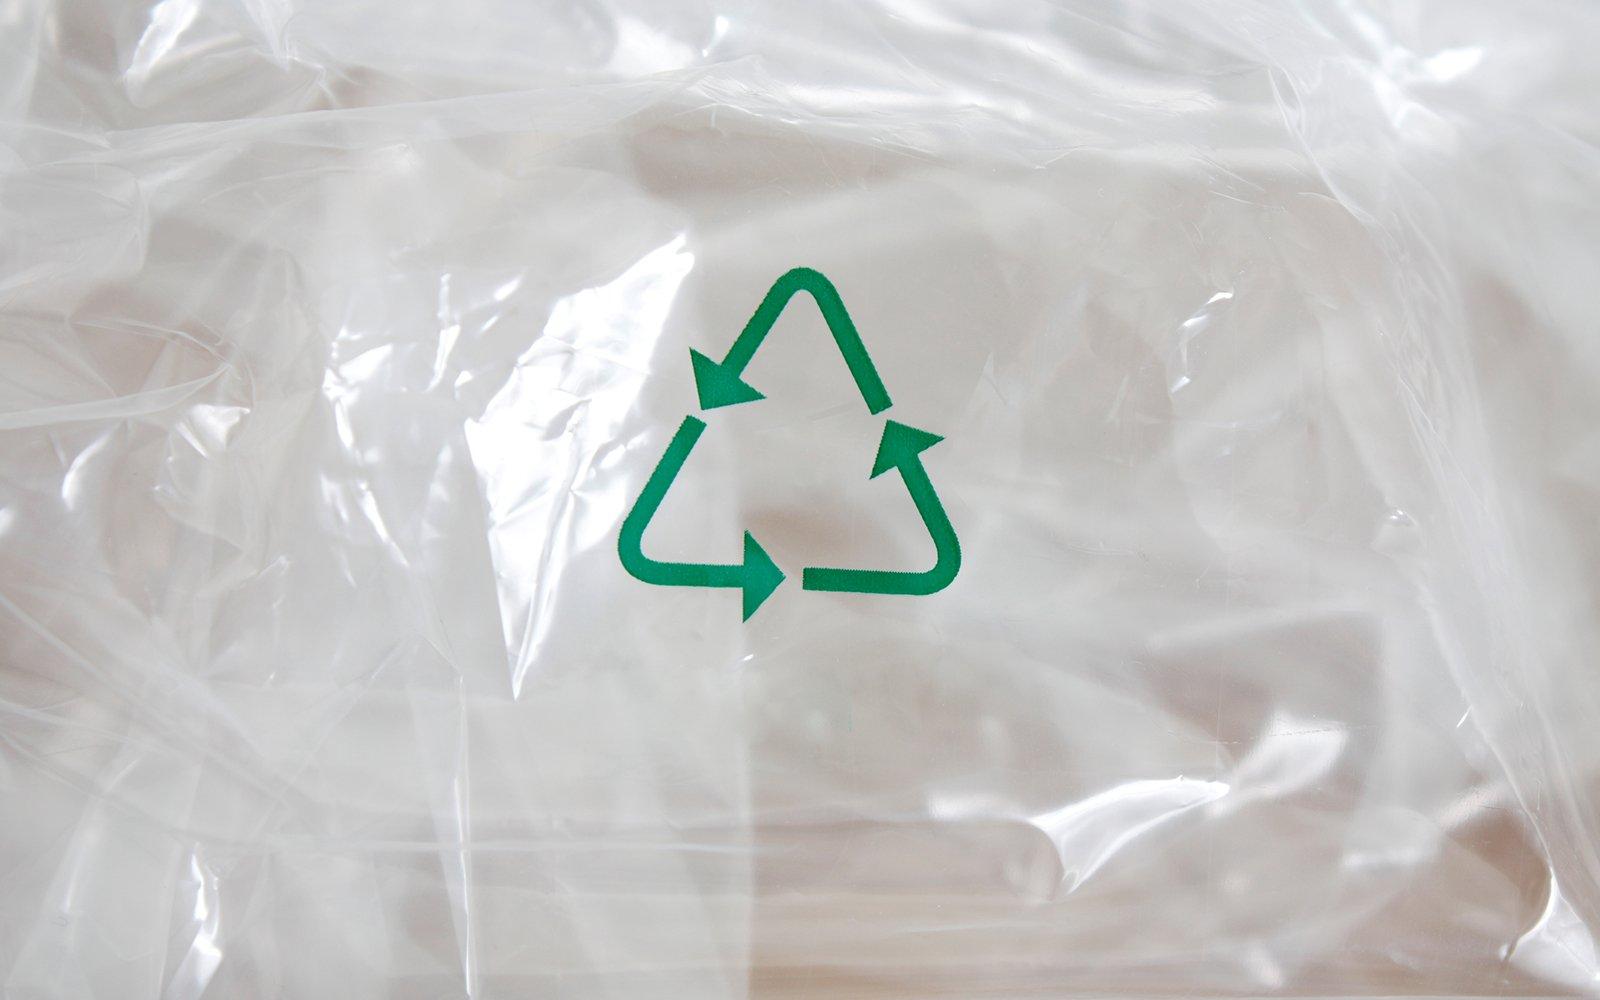 non simbolo verde di riciclo e dietro un sacchetto di plastica